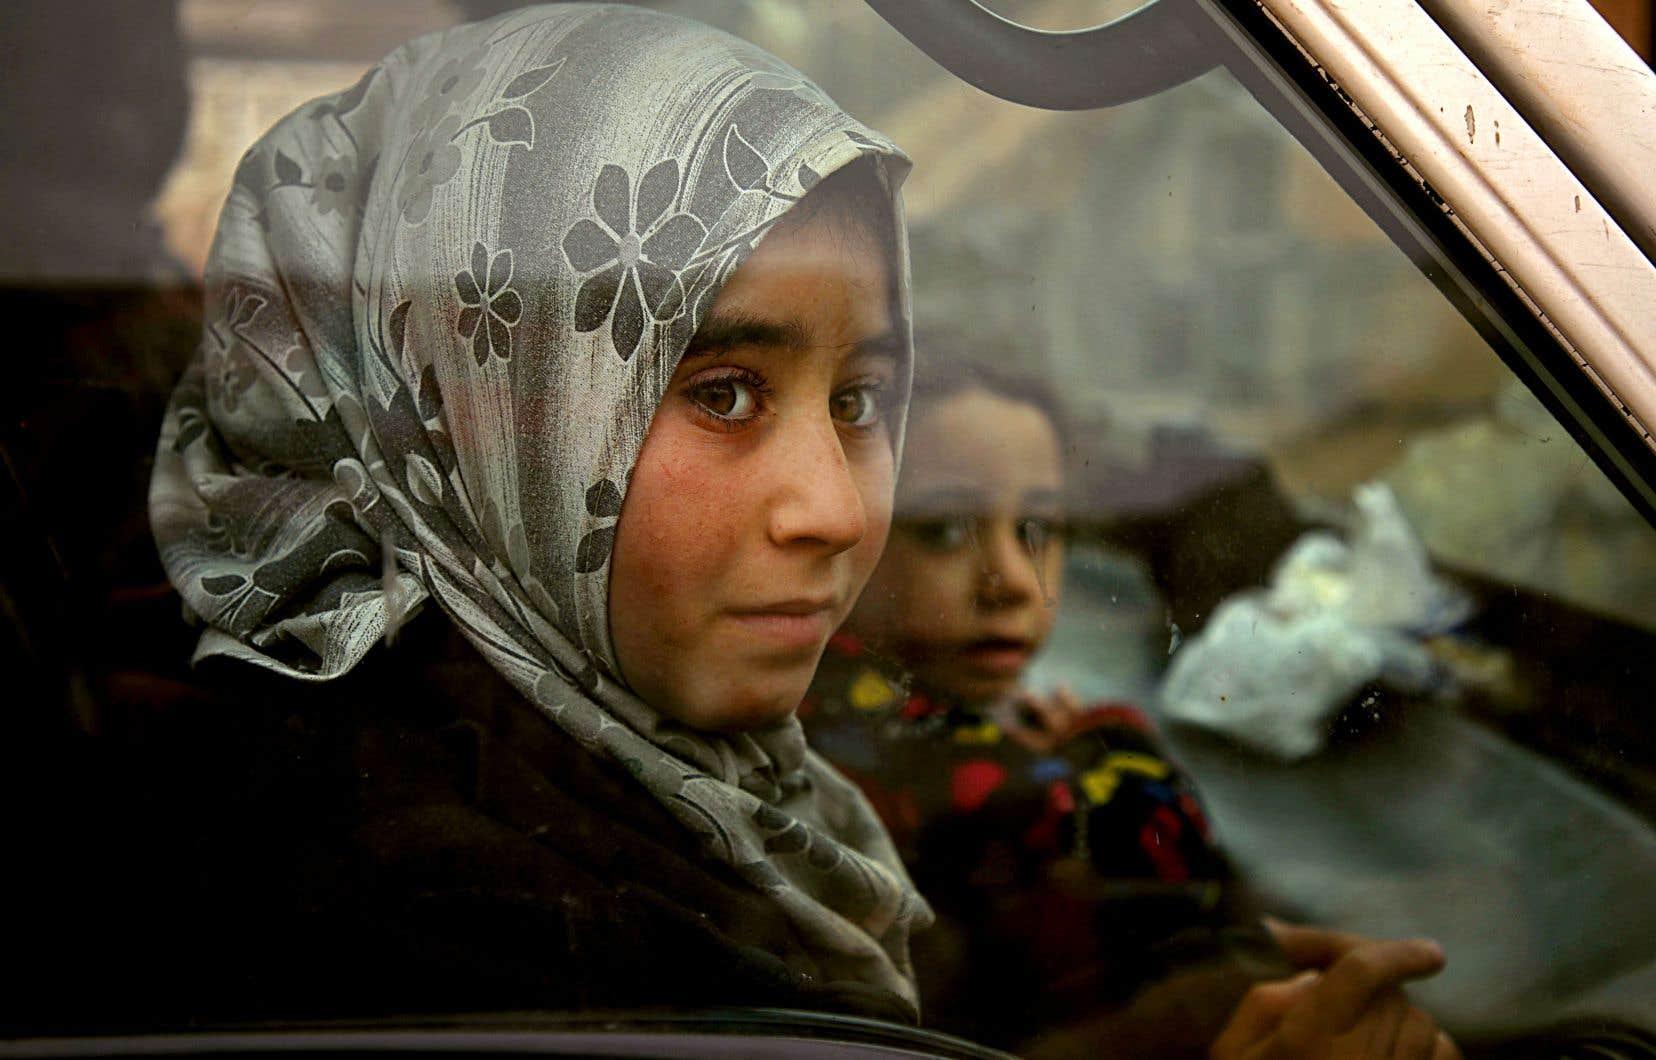 Deux jeunes filles photographiées à travers la vitre d'une voiture, à Hazano, dans le nord-est de la Syrie, fuyant les combats